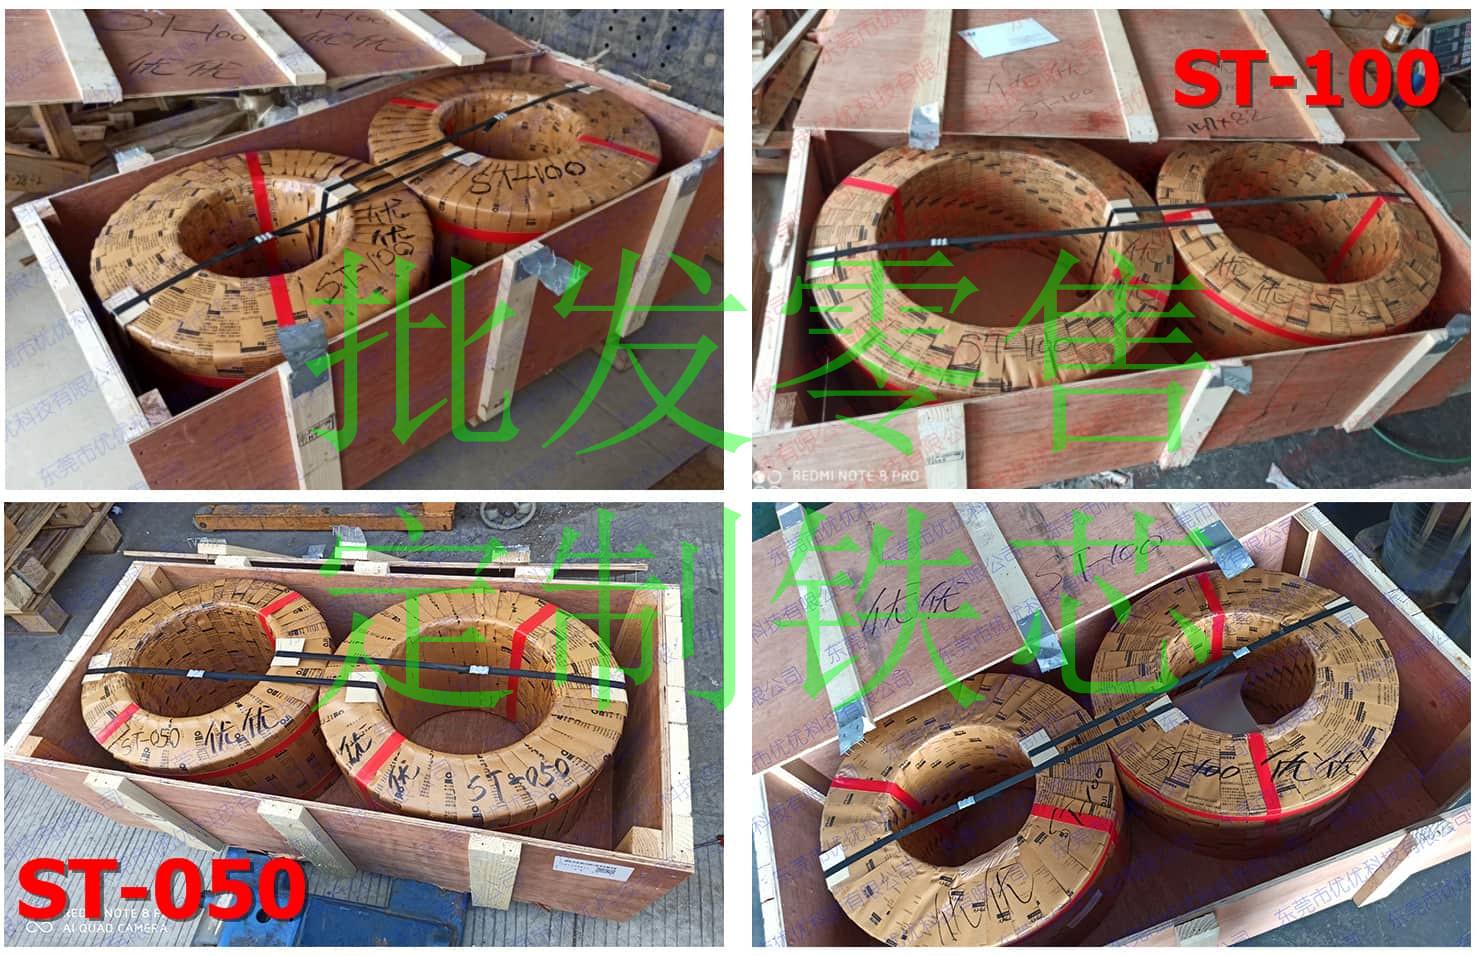 10JNEX900 10JNHF600 15JNSF950 20JNEH1200 20JNEH1500 ST-100 ST-150 ST-050JFE川崎硅钢 超级铁芯 JFE Super Core